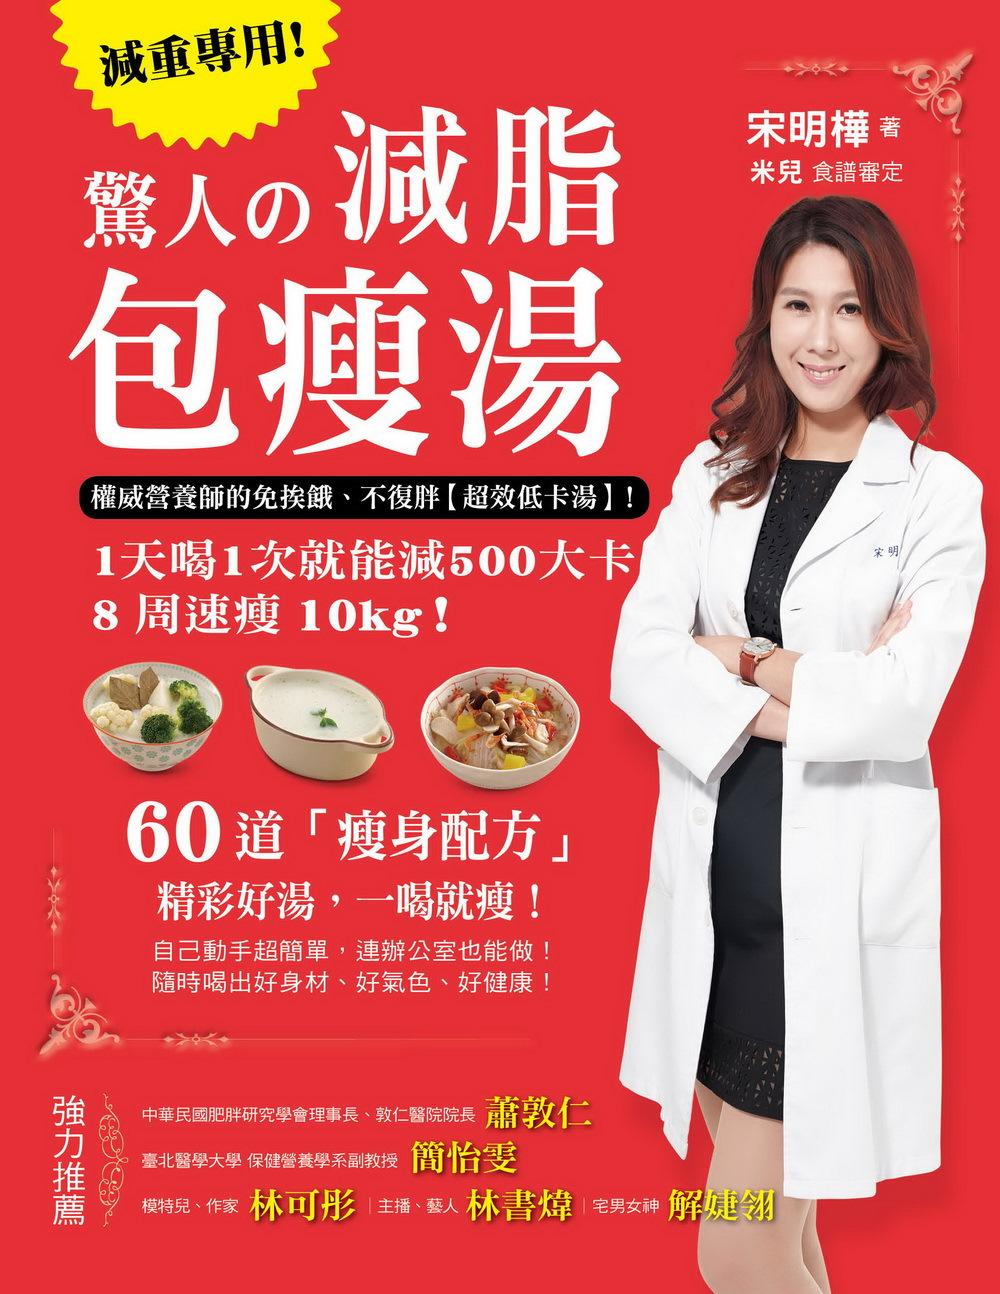 驚人的減脂包瘦湯:權威營養師的免挨餓、不復胖【超效低卡湯】!1天喝1次就能減500大卡,8周速瘦10公斤!